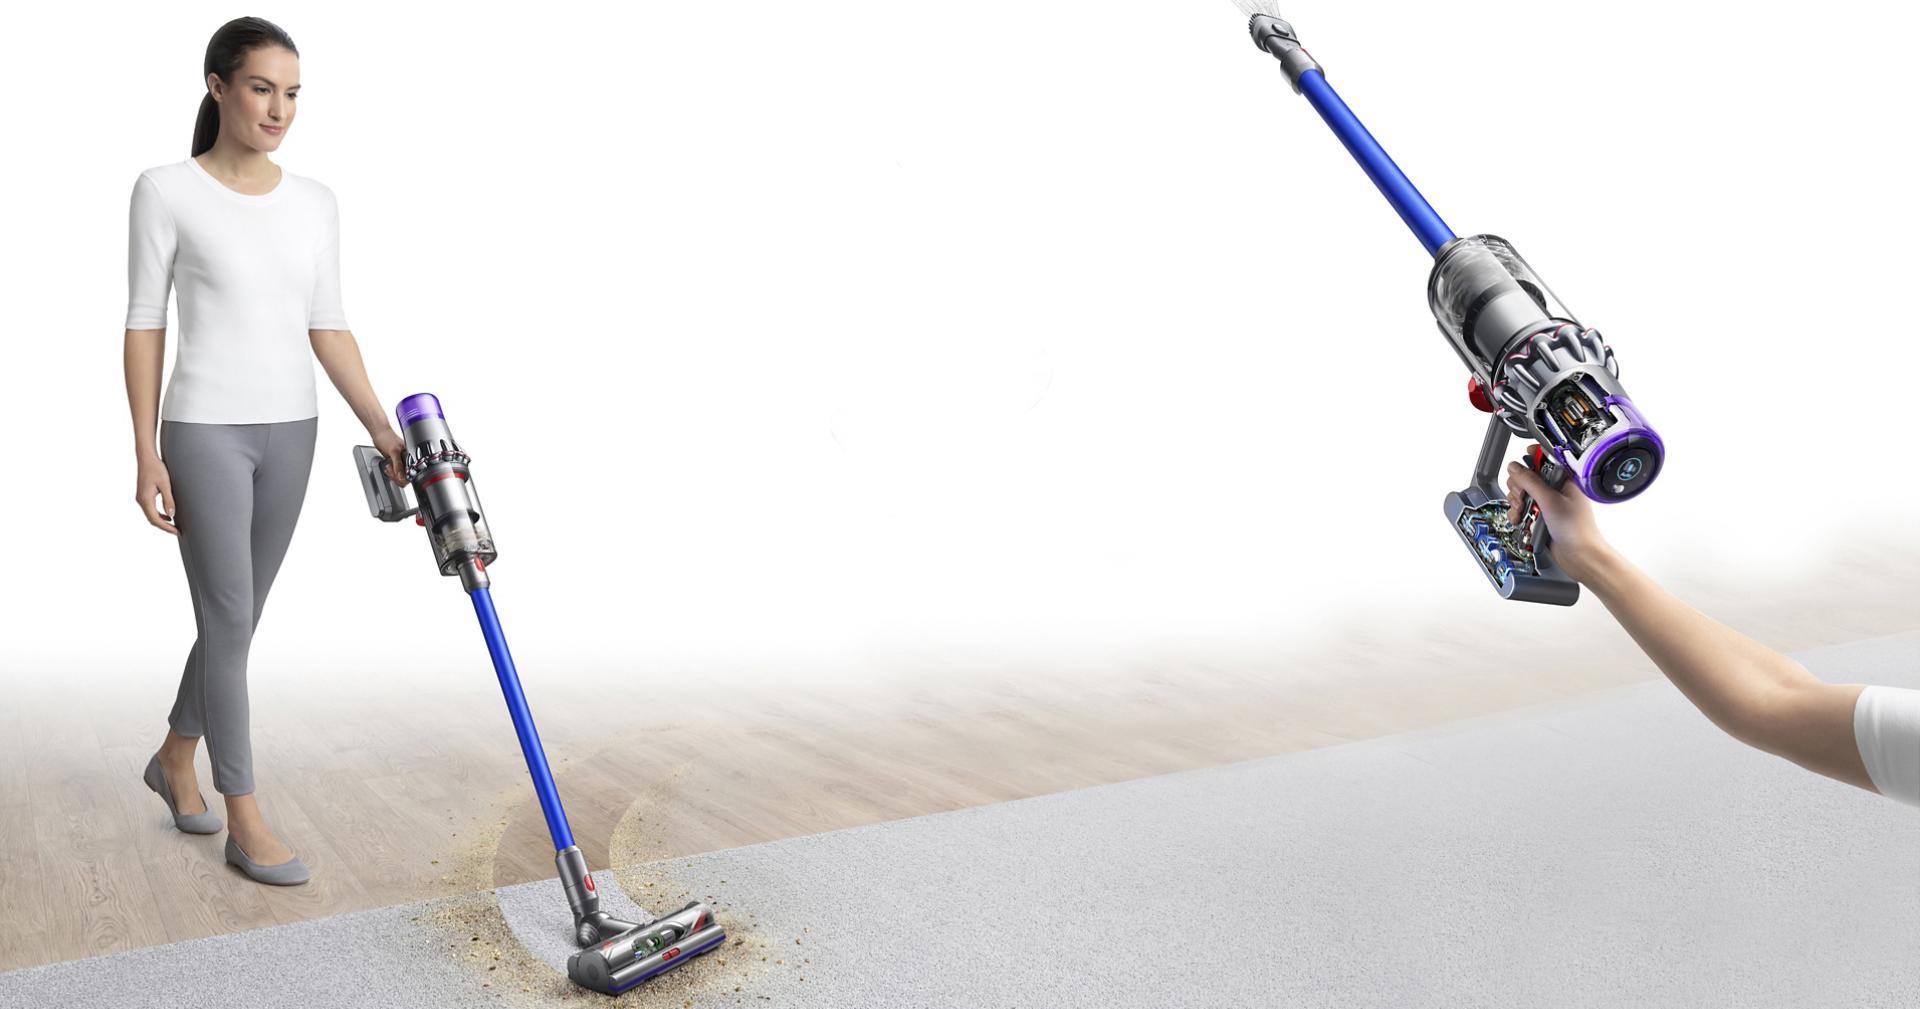 سيدة تستخدم مكنسة Dyson V11 لالتقاط المخلفات من السجاد. مكنسة Dyson V11 تُستخدم أيضاً لتنظيف الأماكن العالية.